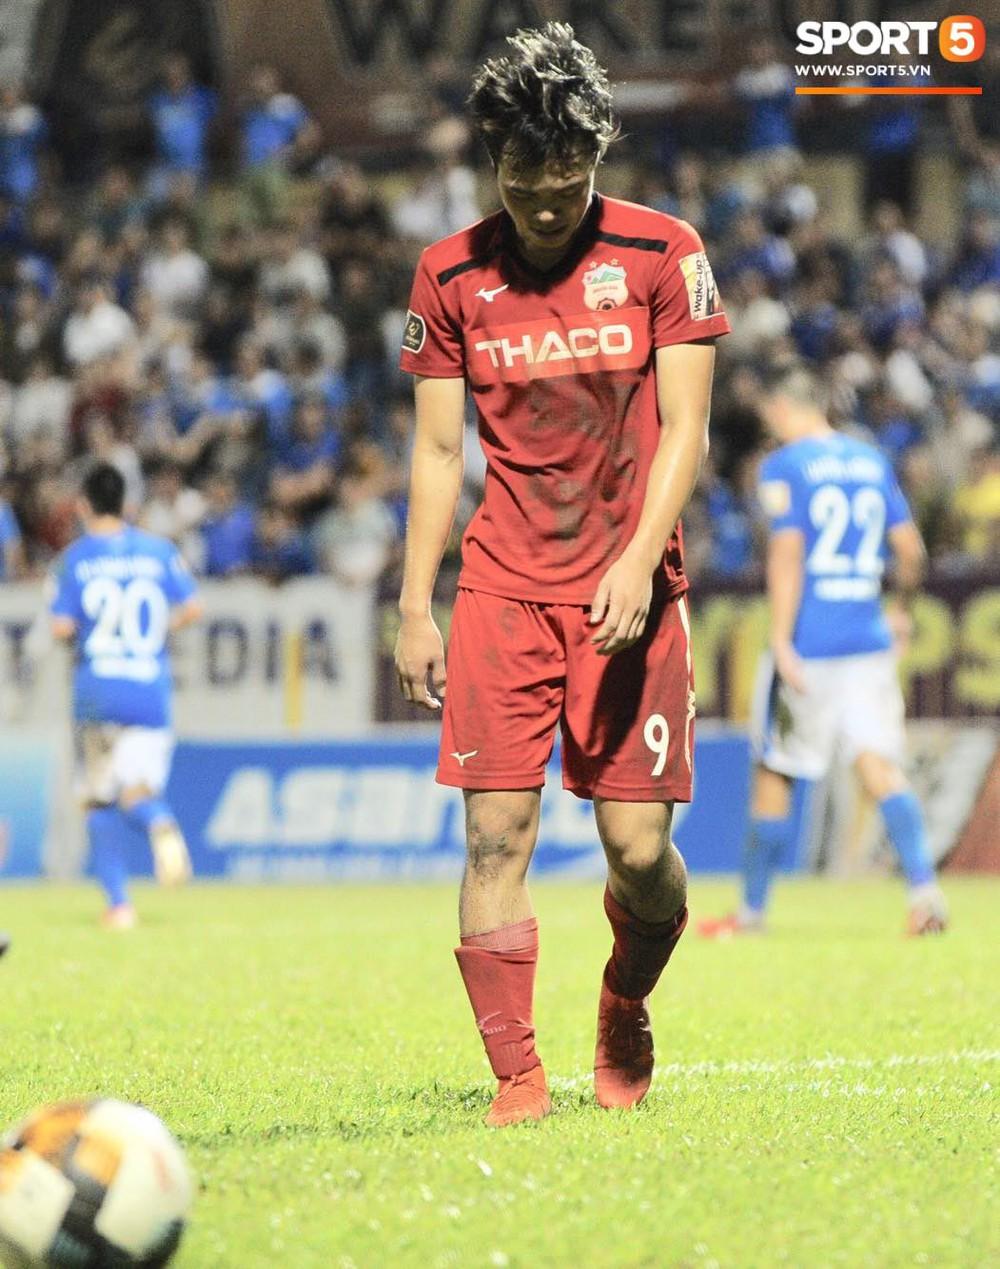 Văn Toàn thất thần, Xuân Trường cùng Tuấn Anh cúi mặt rời sân Cửa Ông sau trận thua đau trước Than Quảng Ninh - Ảnh 2.